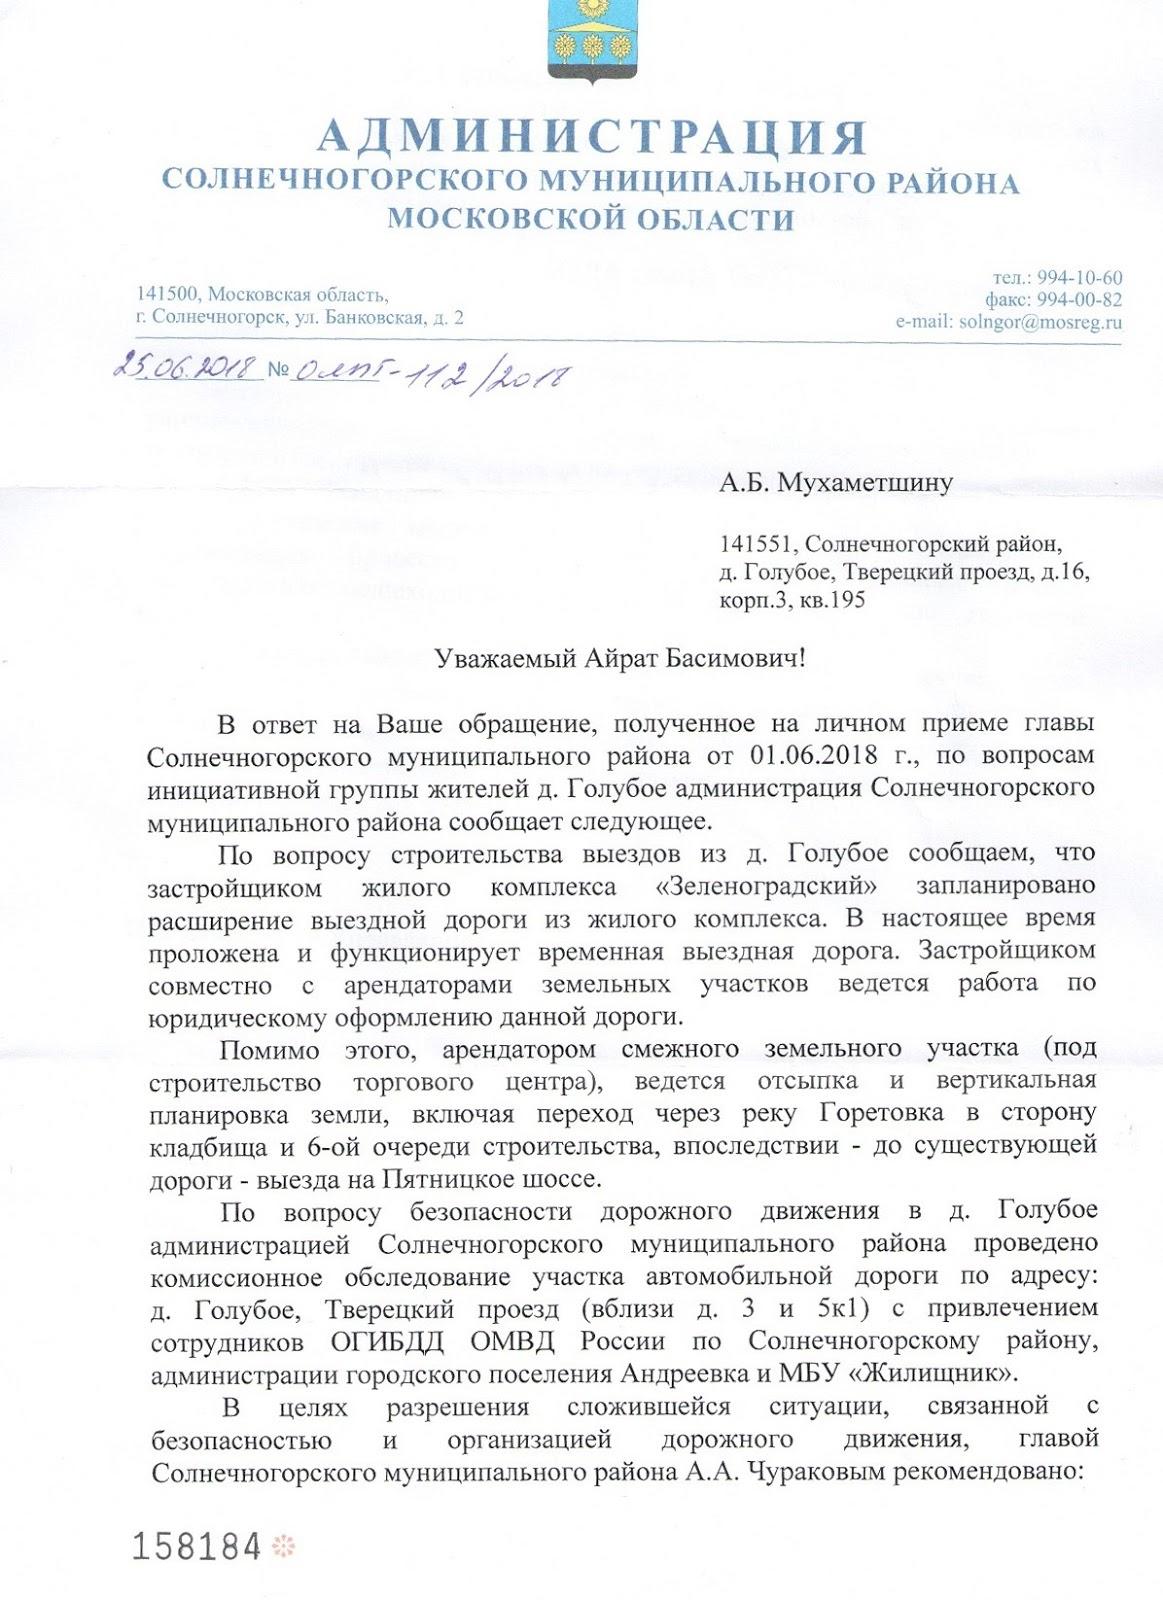 Ответ районной Администрации г. Солнечногорска МО на обращение по дорожной ситуации, пешеходных переходах и т.д. в д. Голубое